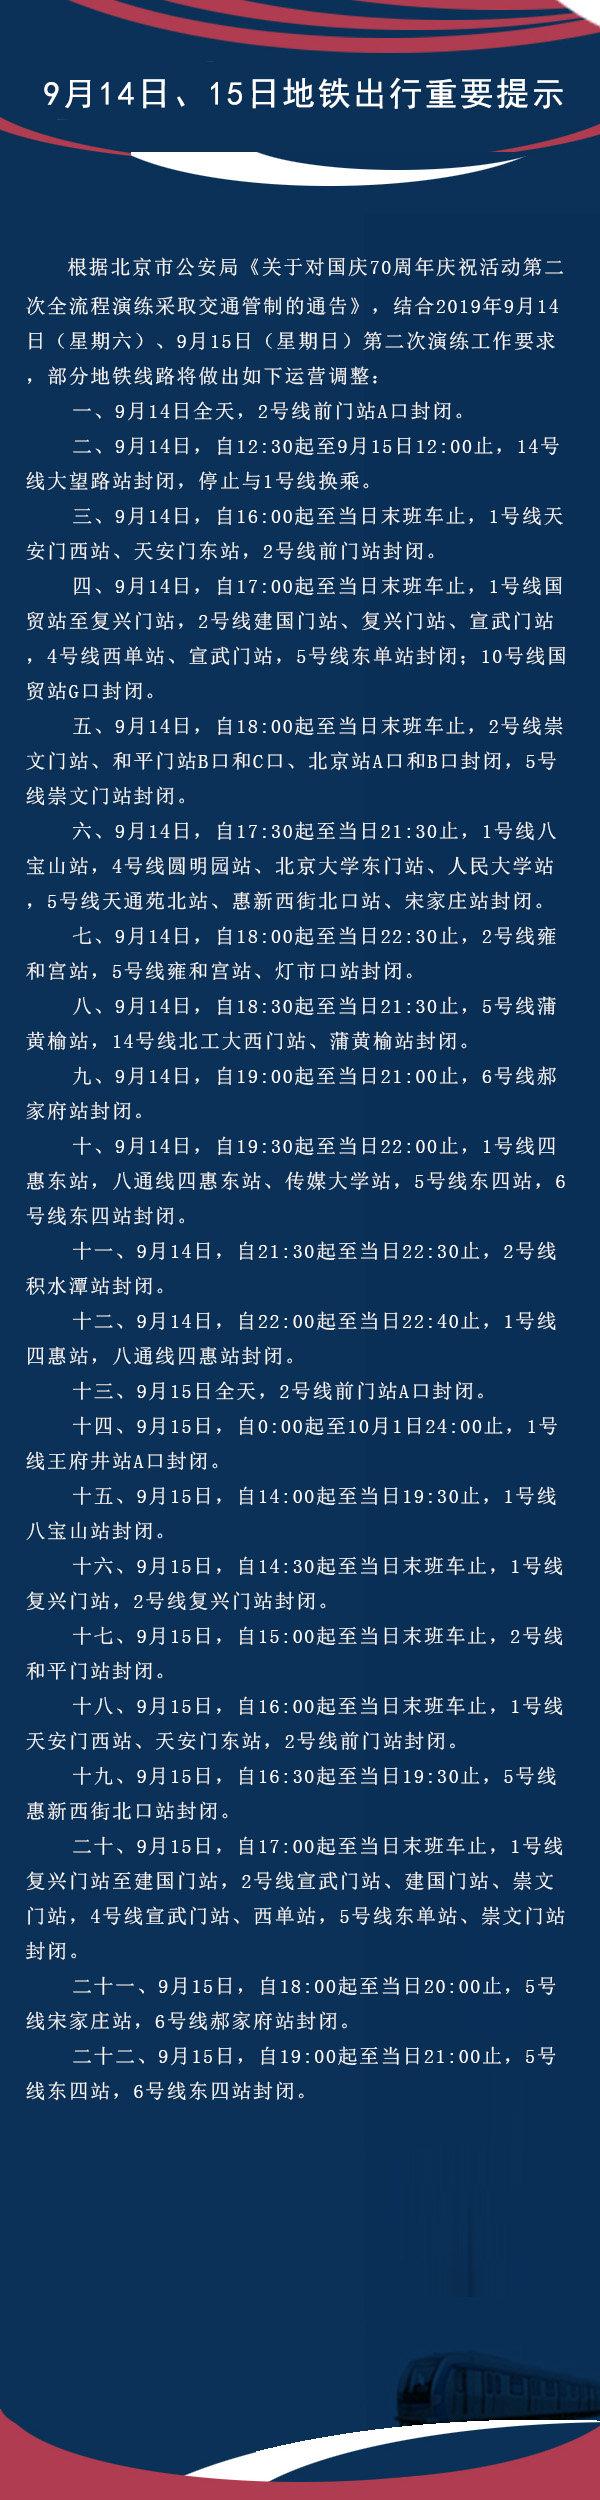 9月14日、15日北京地铁多条线路运营调整